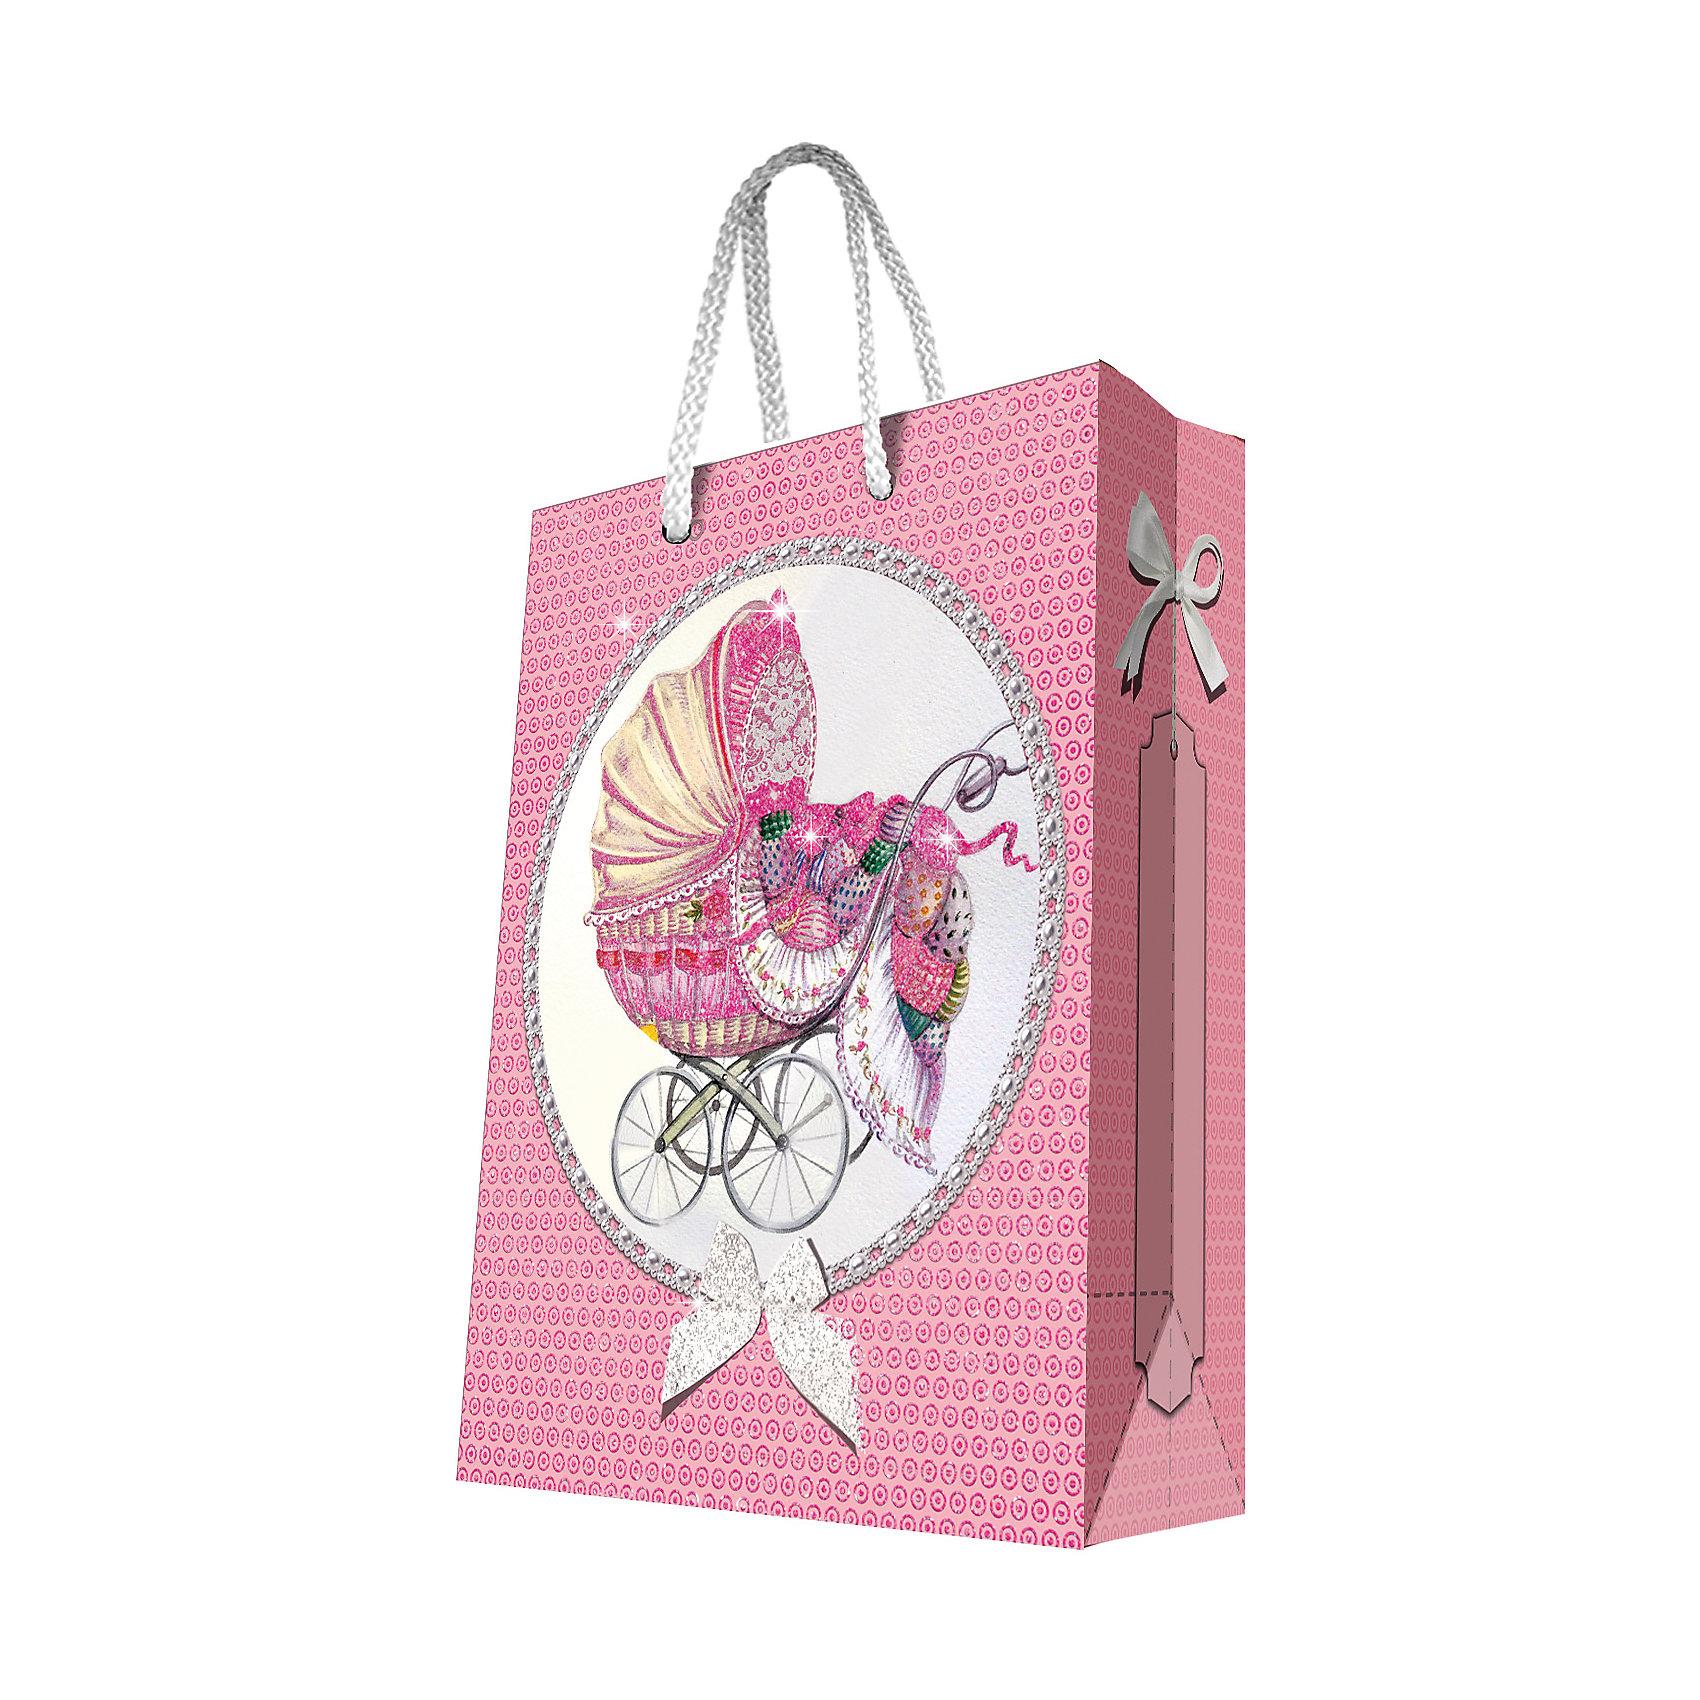 Подарочный пакет Ретро-коляска 26*32,4*12,7 смКрасиво упакованный подарок приятно получать вдвойне! Прочный красивый бумажный пакет станет прекрасным дополнением к подарку.<br><br>Дополнительная информация:<br><br>- Материал: бумага (плотность бумаги 250 г/м2).<br>- Размер: 26х32,4х12,7 cм.<br>- Ширина основания: 26 см.<br>- Эффект: ламинация.<br><br>Подарочный пакет Ретро-коляска 26х32,4х12,7 см, можно купить в нашем магазине.<br><br>Ширина мм: 260<br>Глубина мм: 324<br>Высота мм: 127<br>Вес г: 100<br>Возраст от месяцев: 36<br>Возраст до месяцев: 2147483647<br>Пол: Женский<br>Возраст: Детский<br>SKU: 4548401